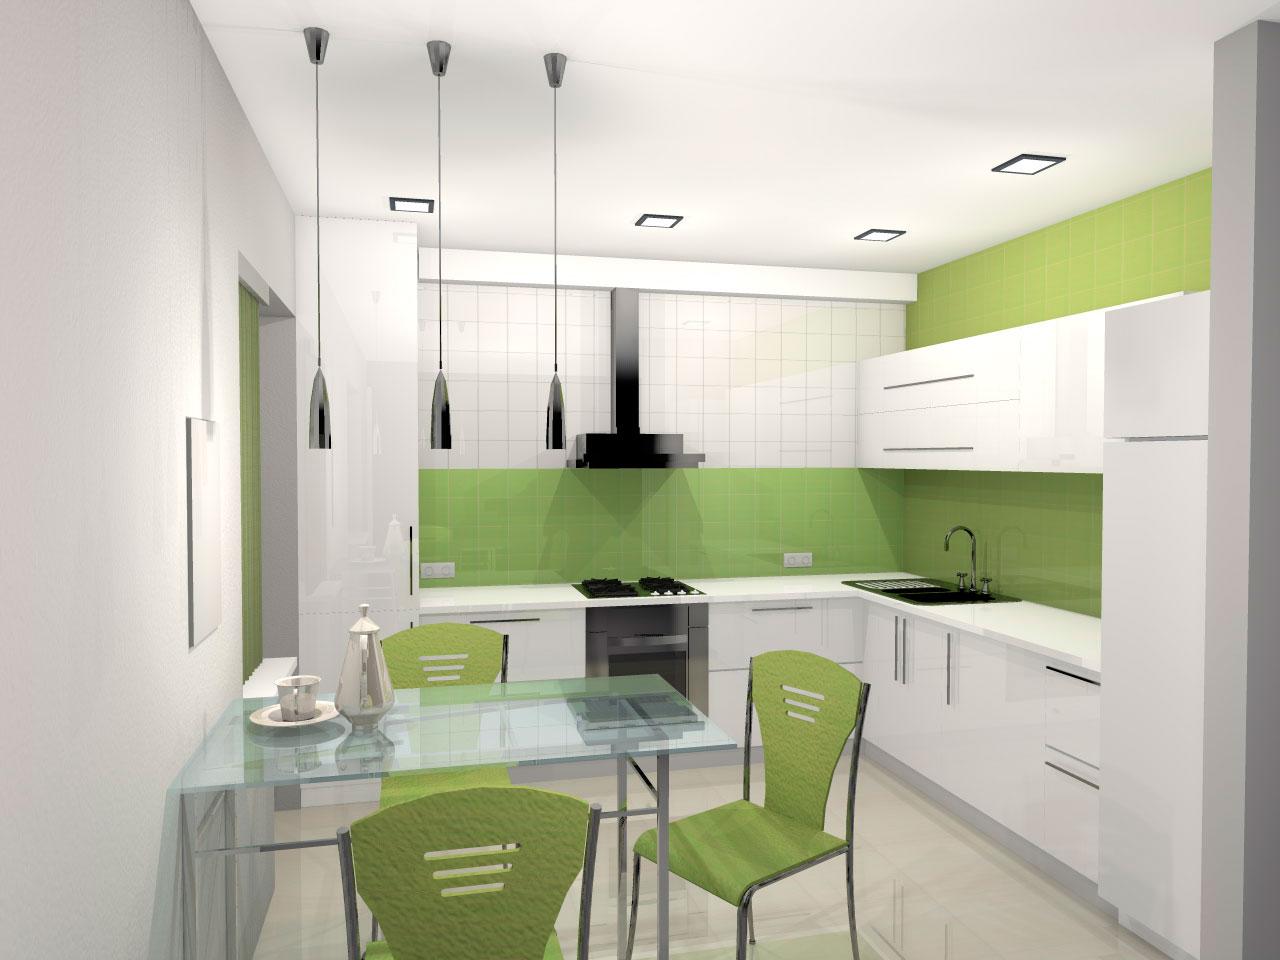 Проектирование жилых домов - Кухня вариант 2